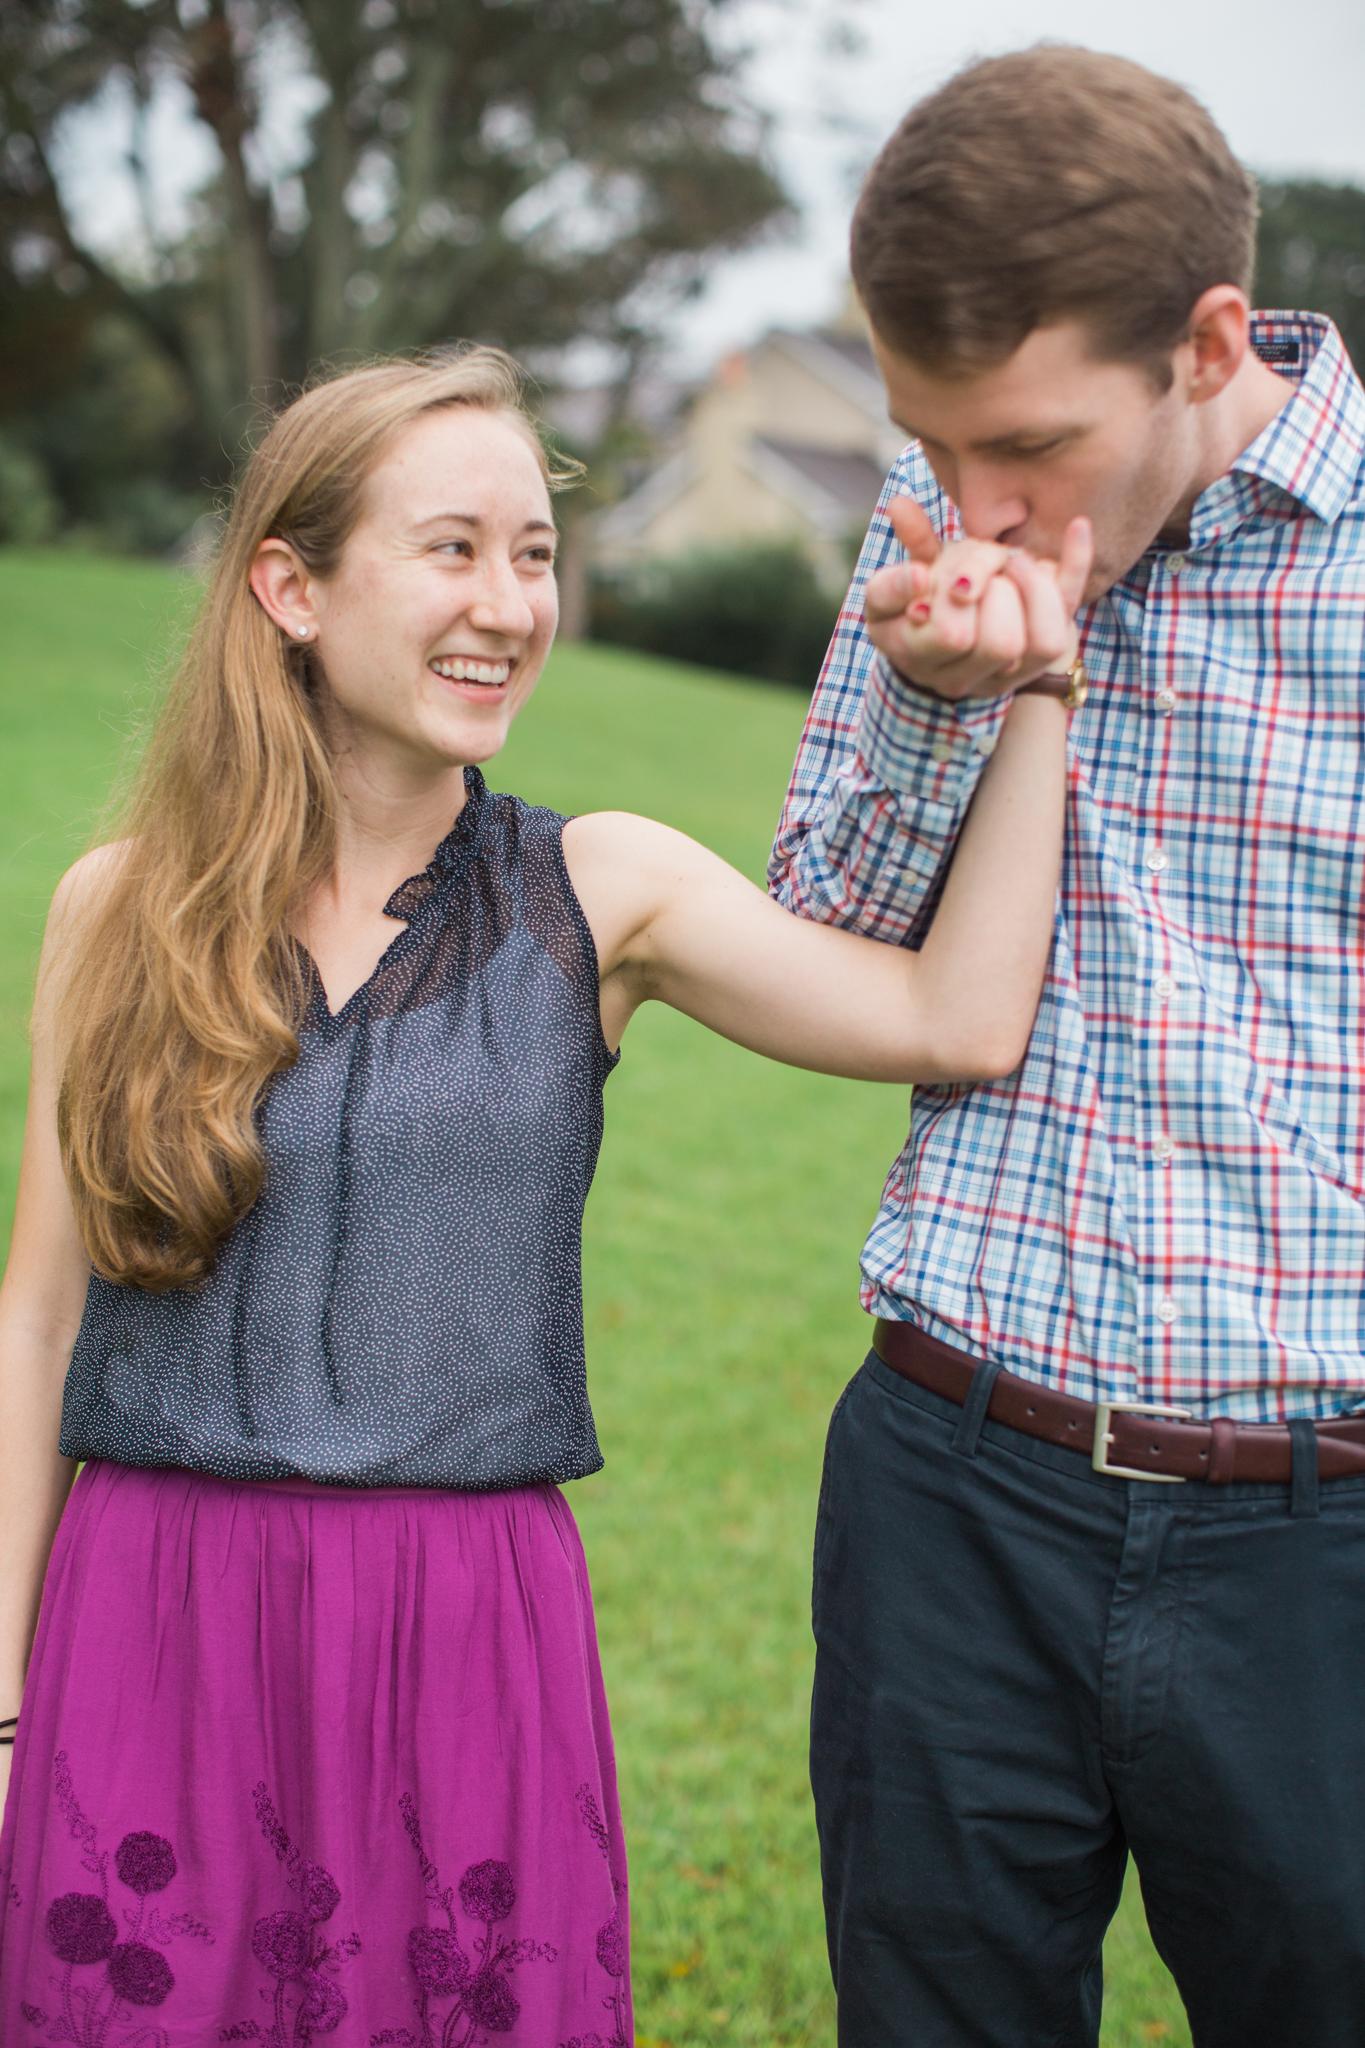 Greg-Allison-Charleston-Wedding-Photographer-Christina-Pugh-46.jpg